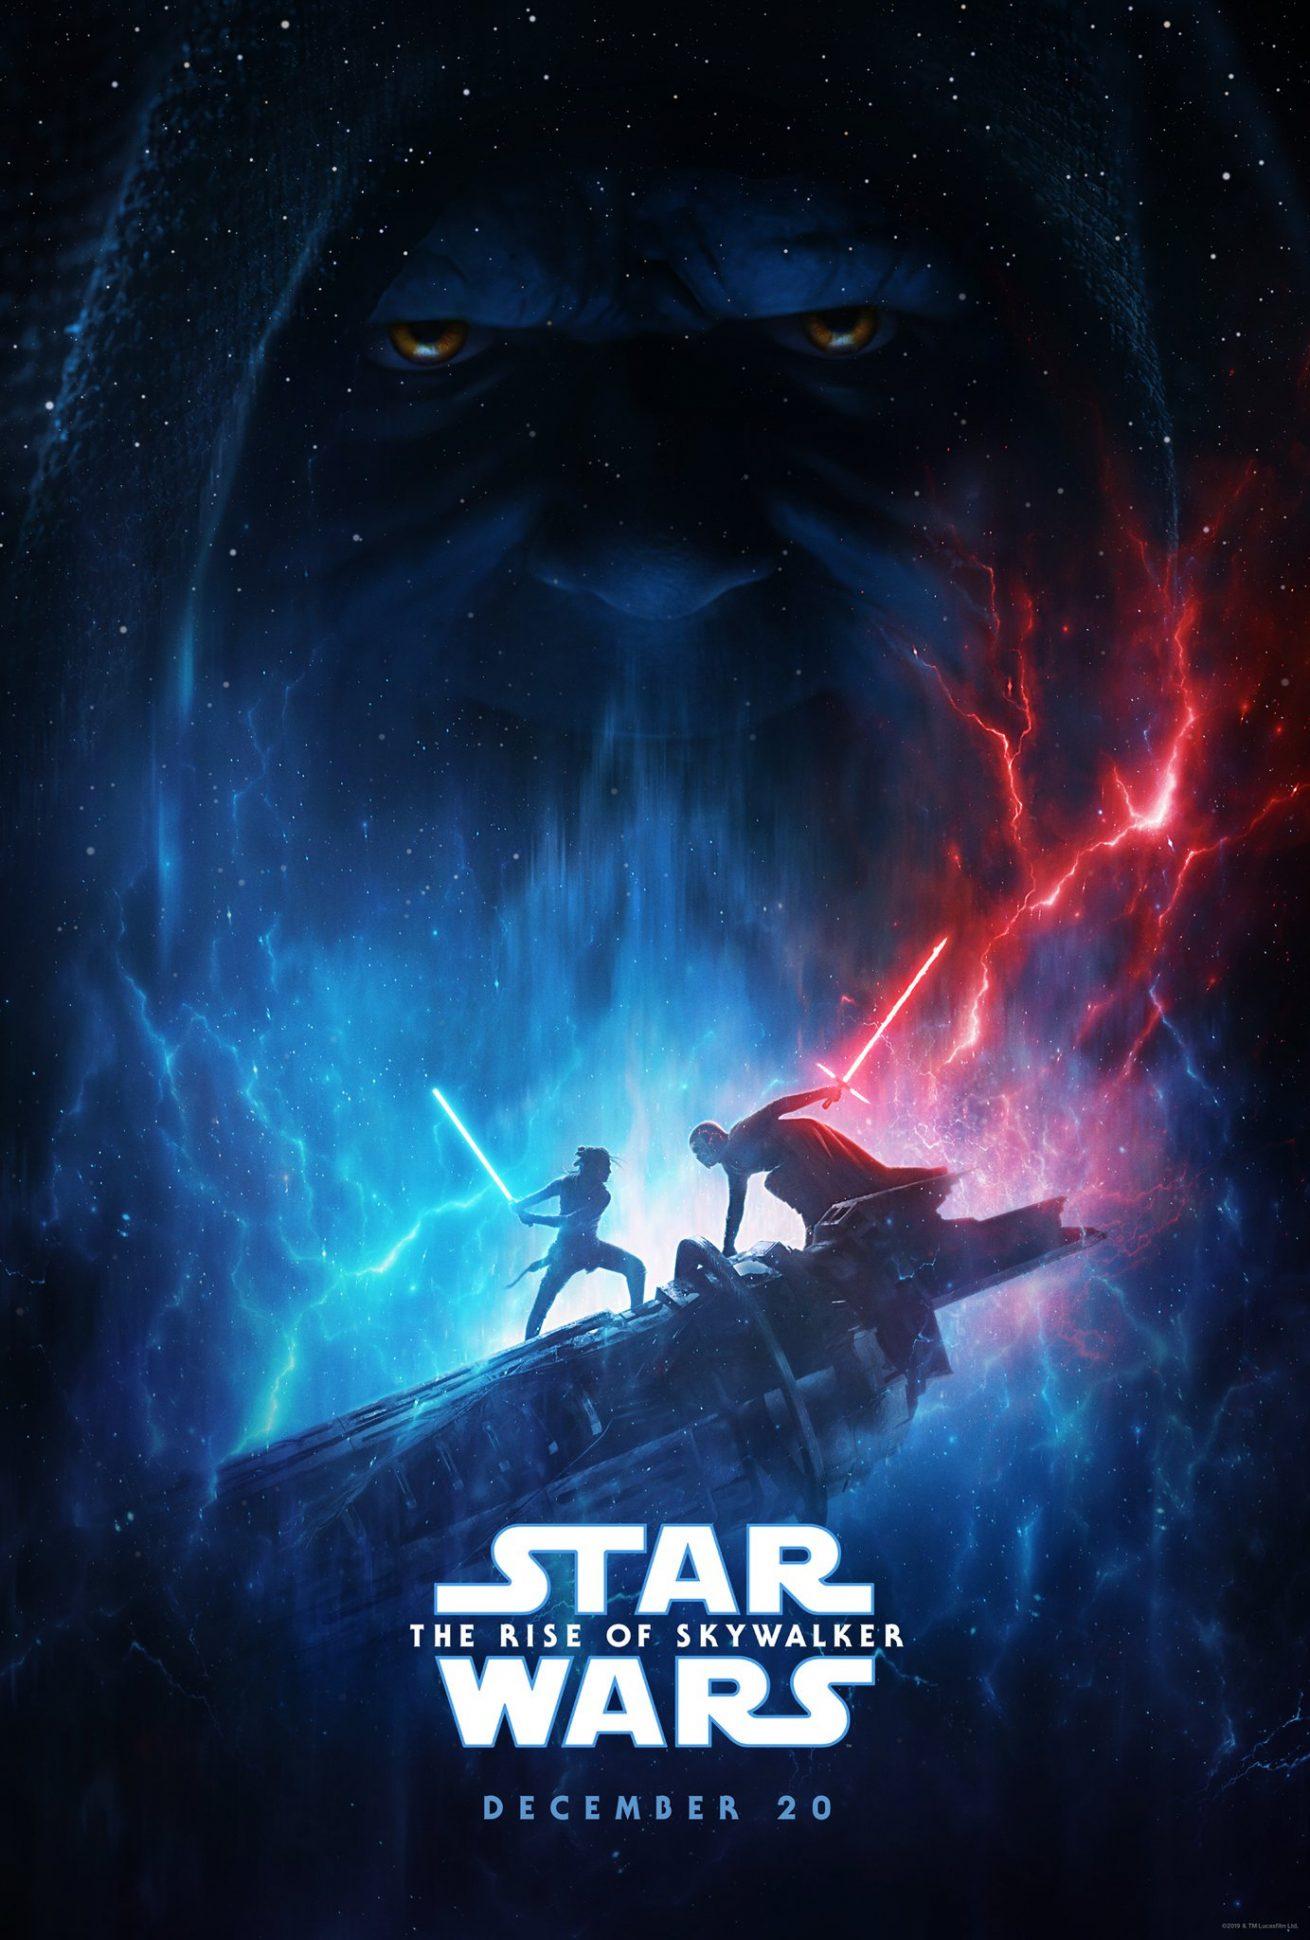 yeni star wars üçlemesinin son filmi the rise of skywalker'dan fragman ve poster bir arada